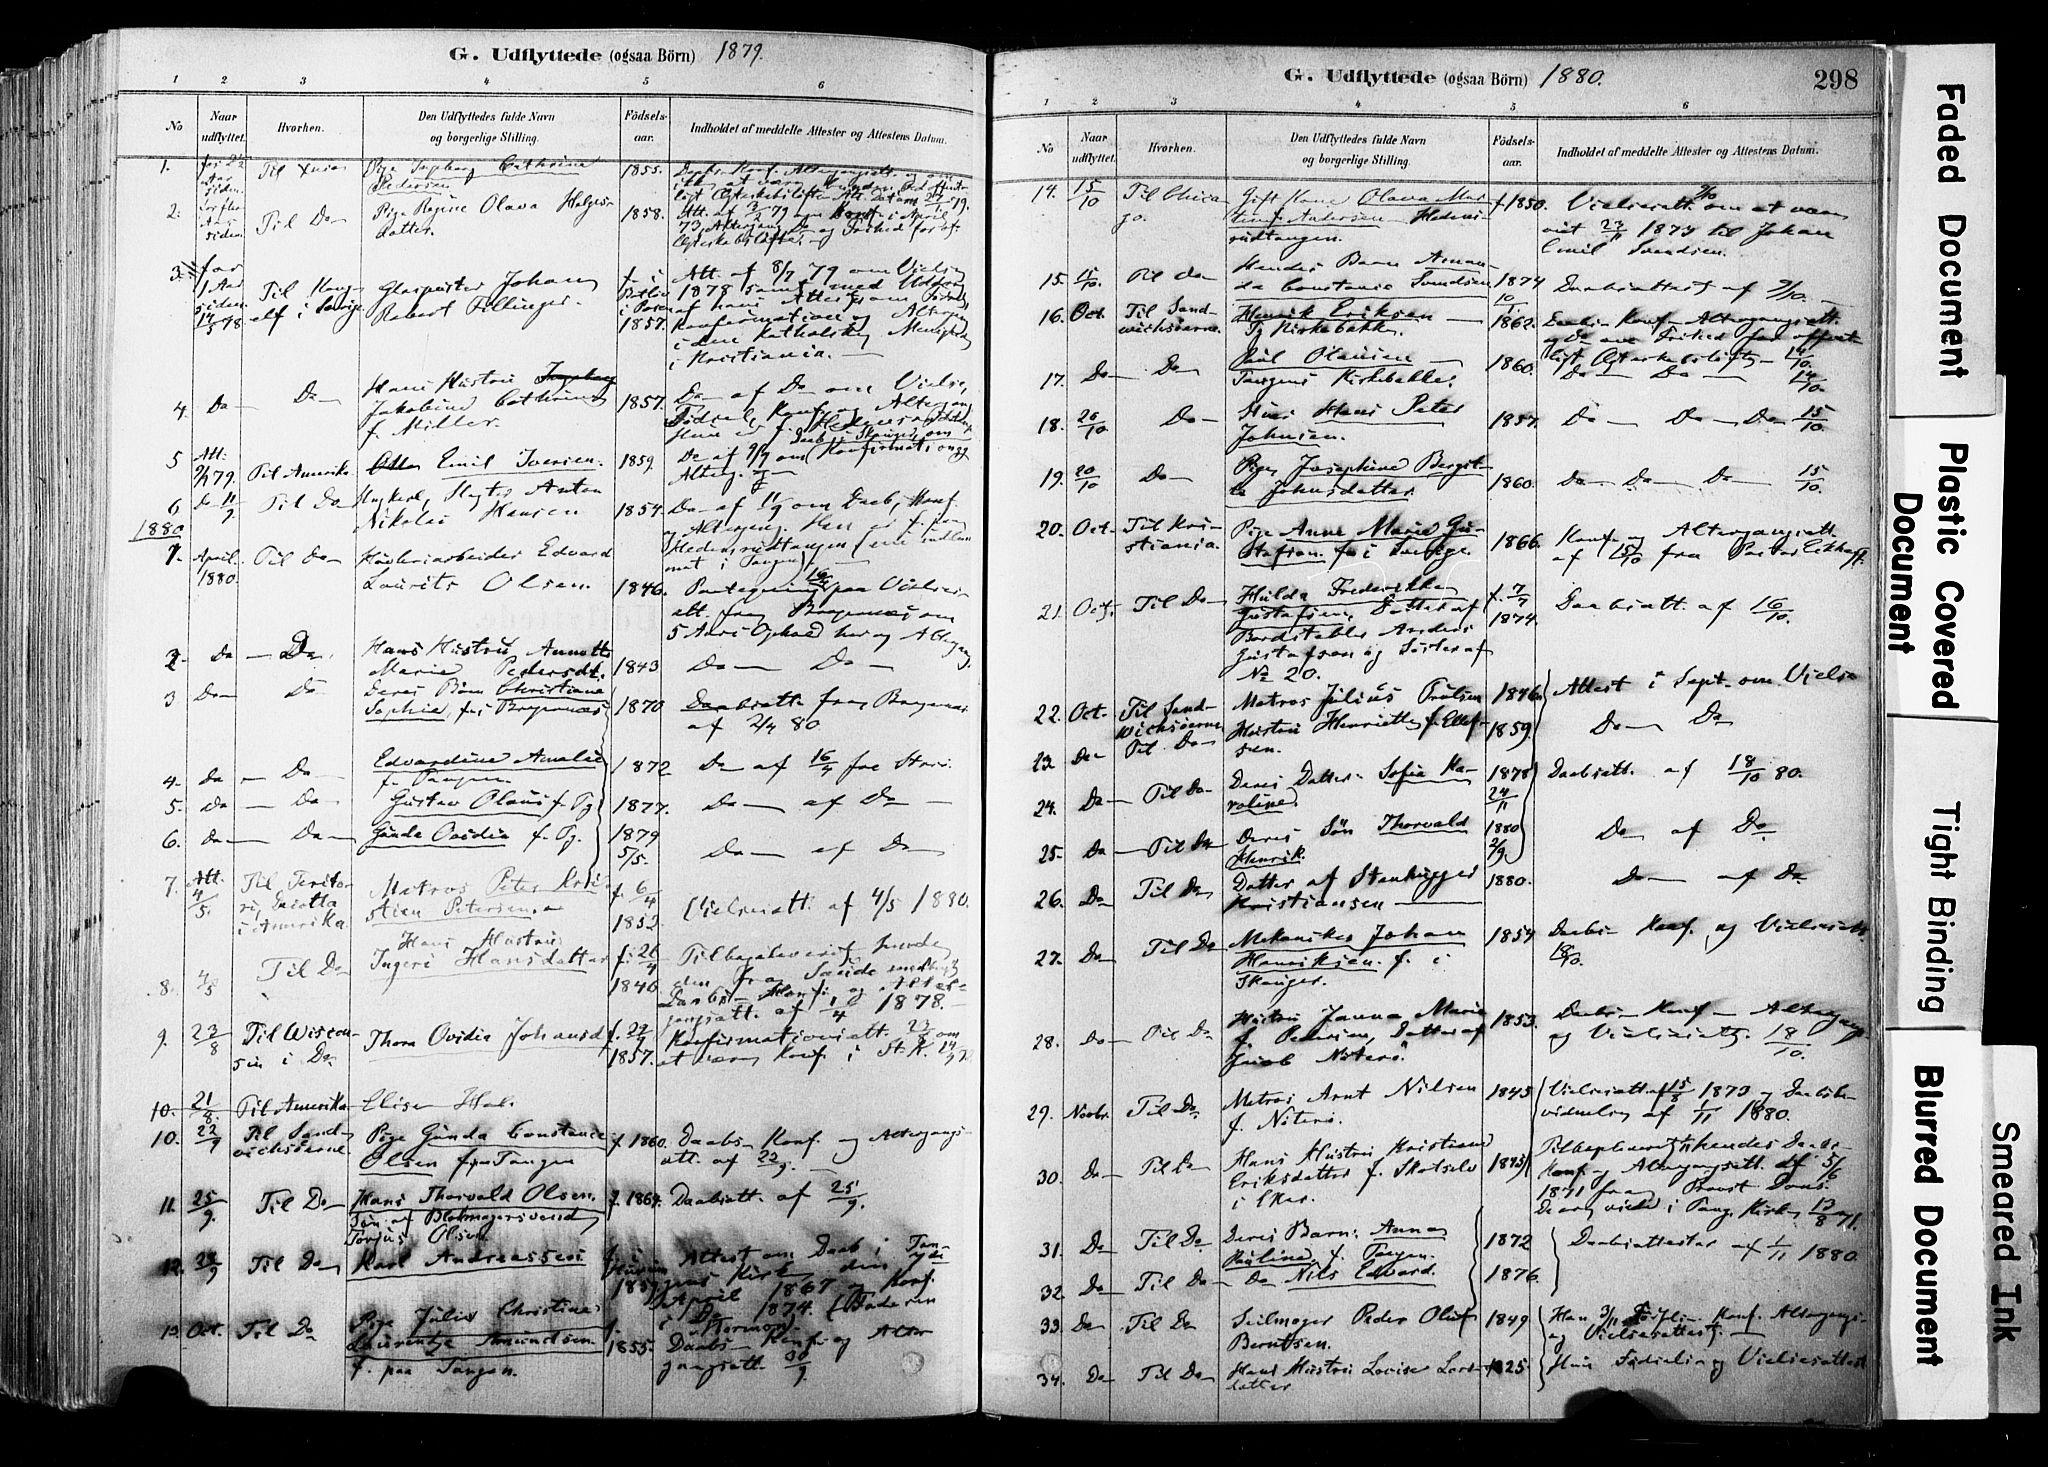 SAKO, Strømsø kirkebøker, F/Fb/L0006: Ministerialbok nr. II 6, 1879-1910, s. 298